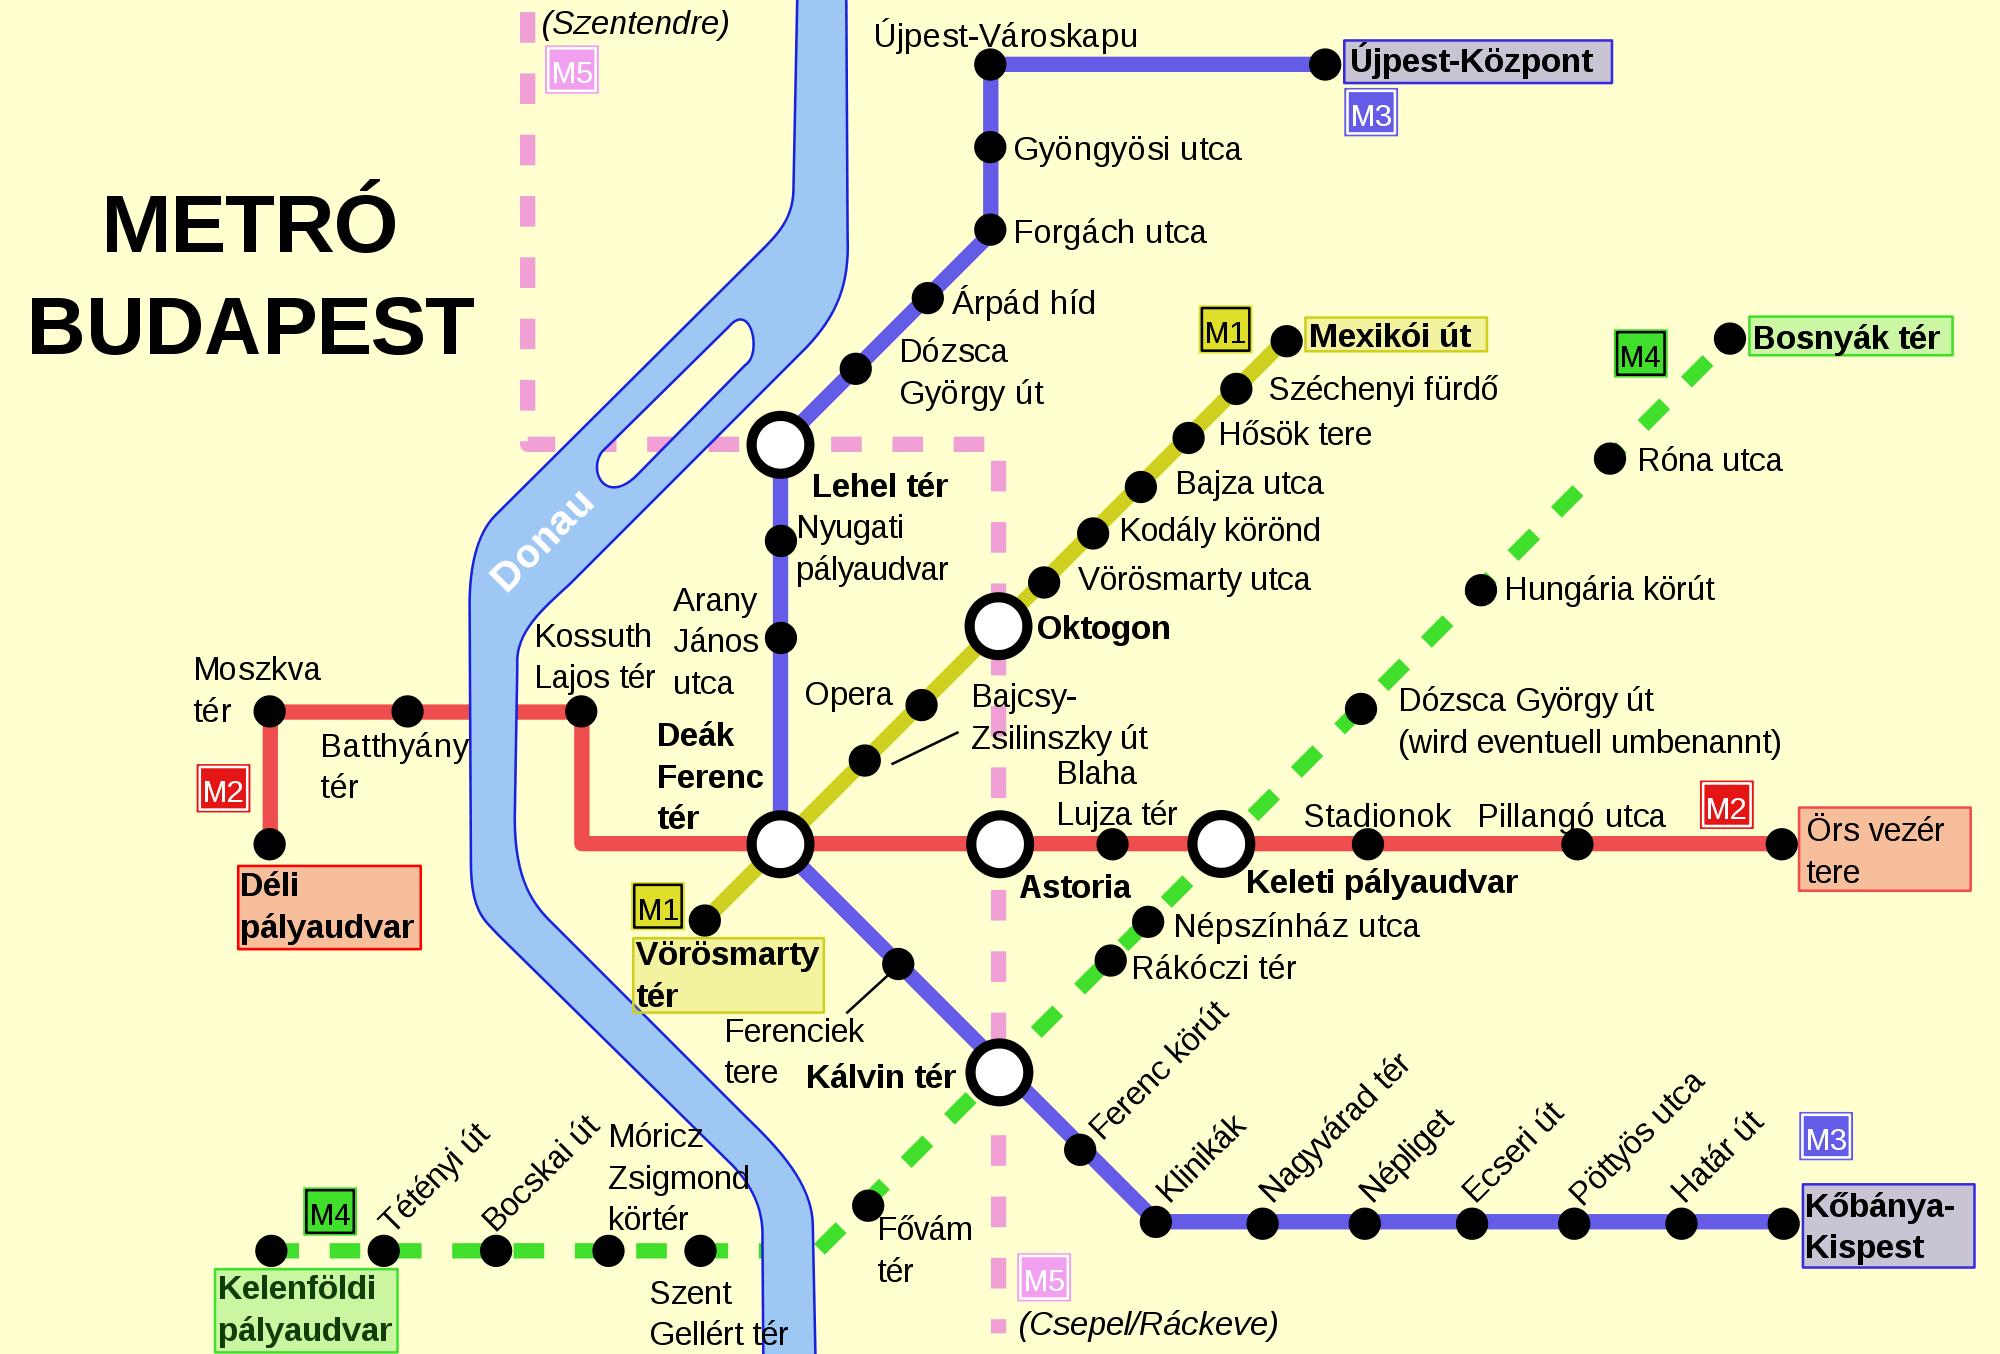 Plan du métro de Budapest, Hongrie